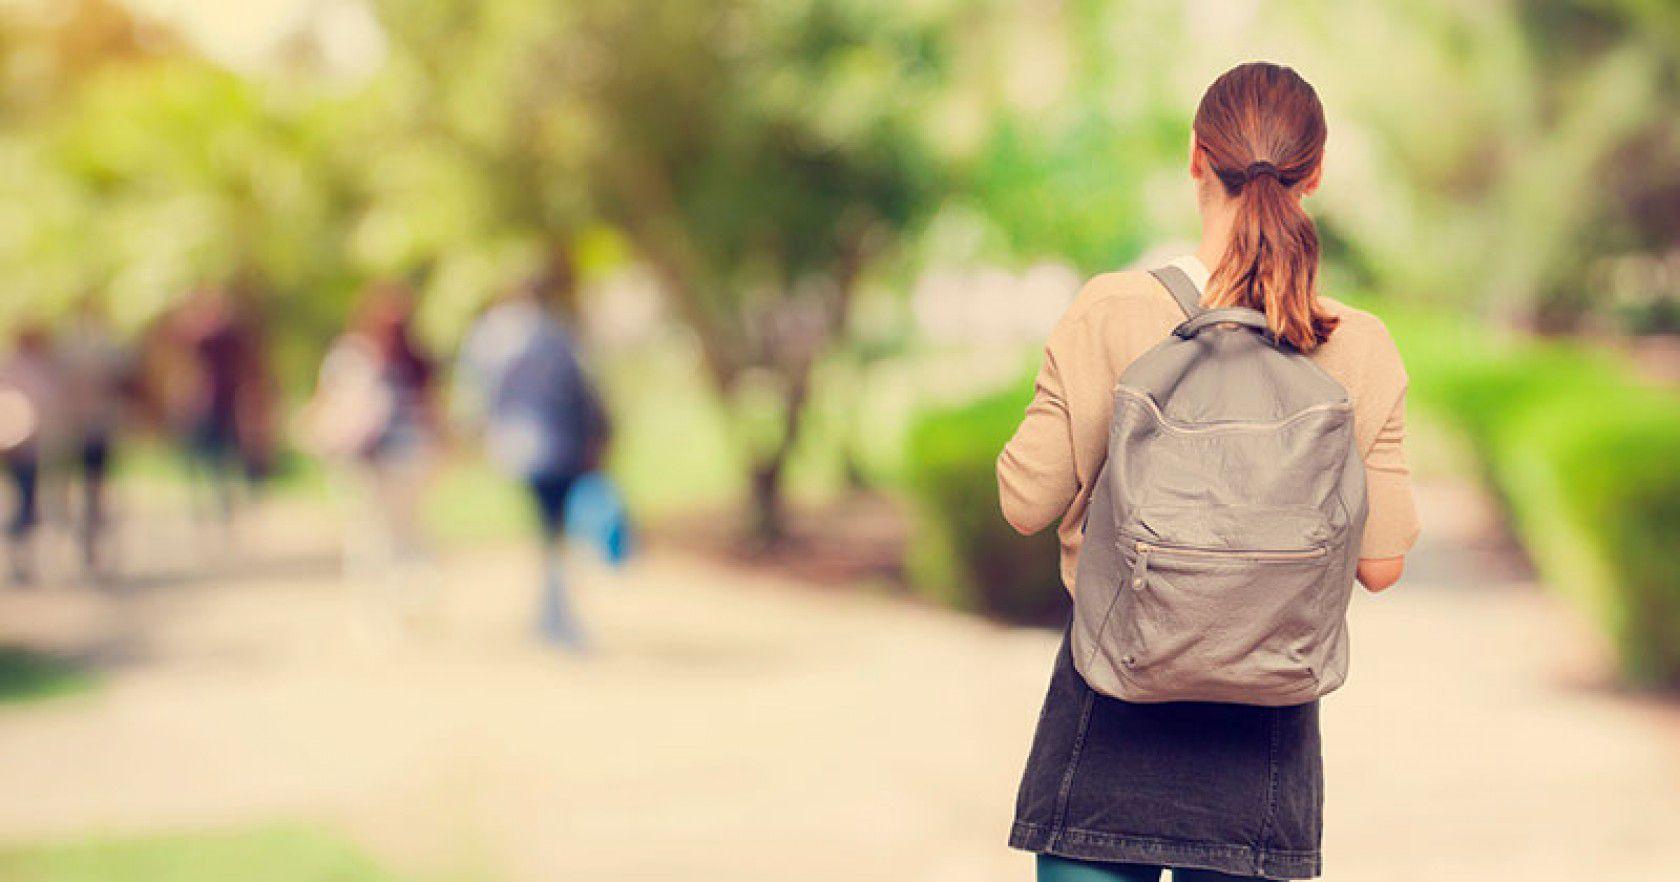 İngiltere Ortaokul Eğitimi Program Detayları Nelerdir?